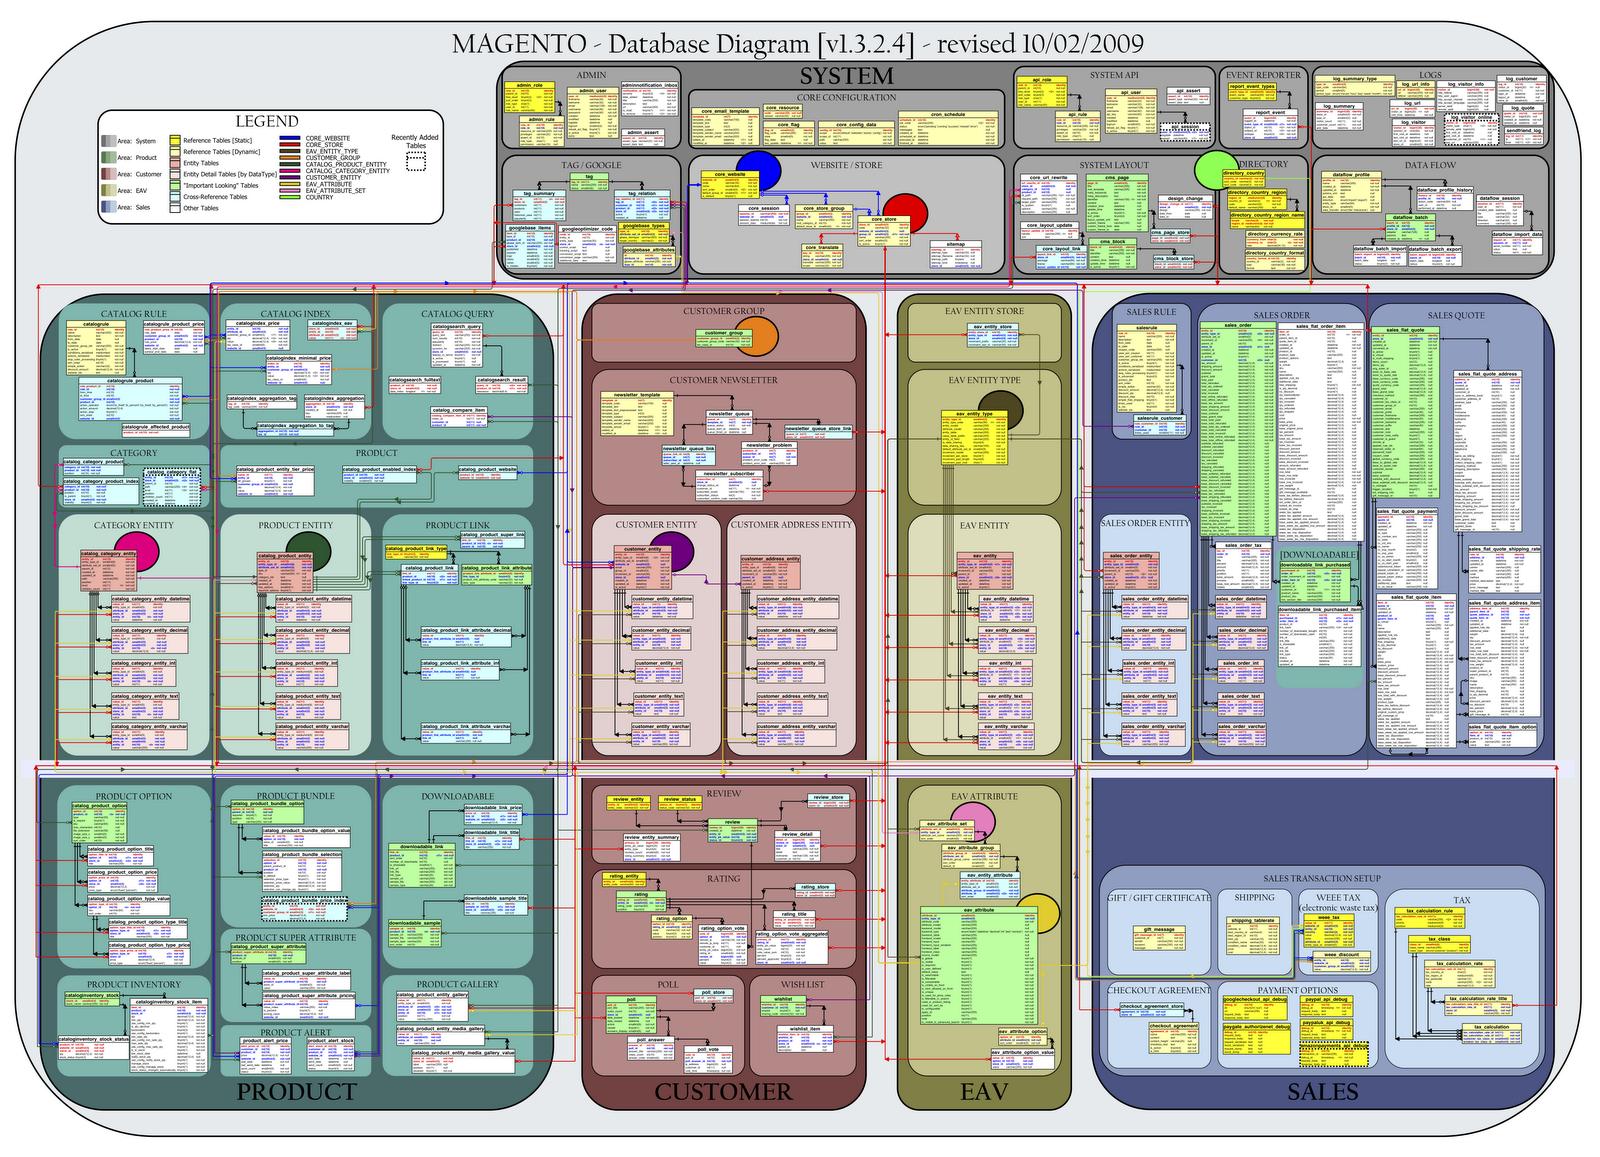 [Image: MAGENTO_v1.3.2.4---Database_Diagram.png]